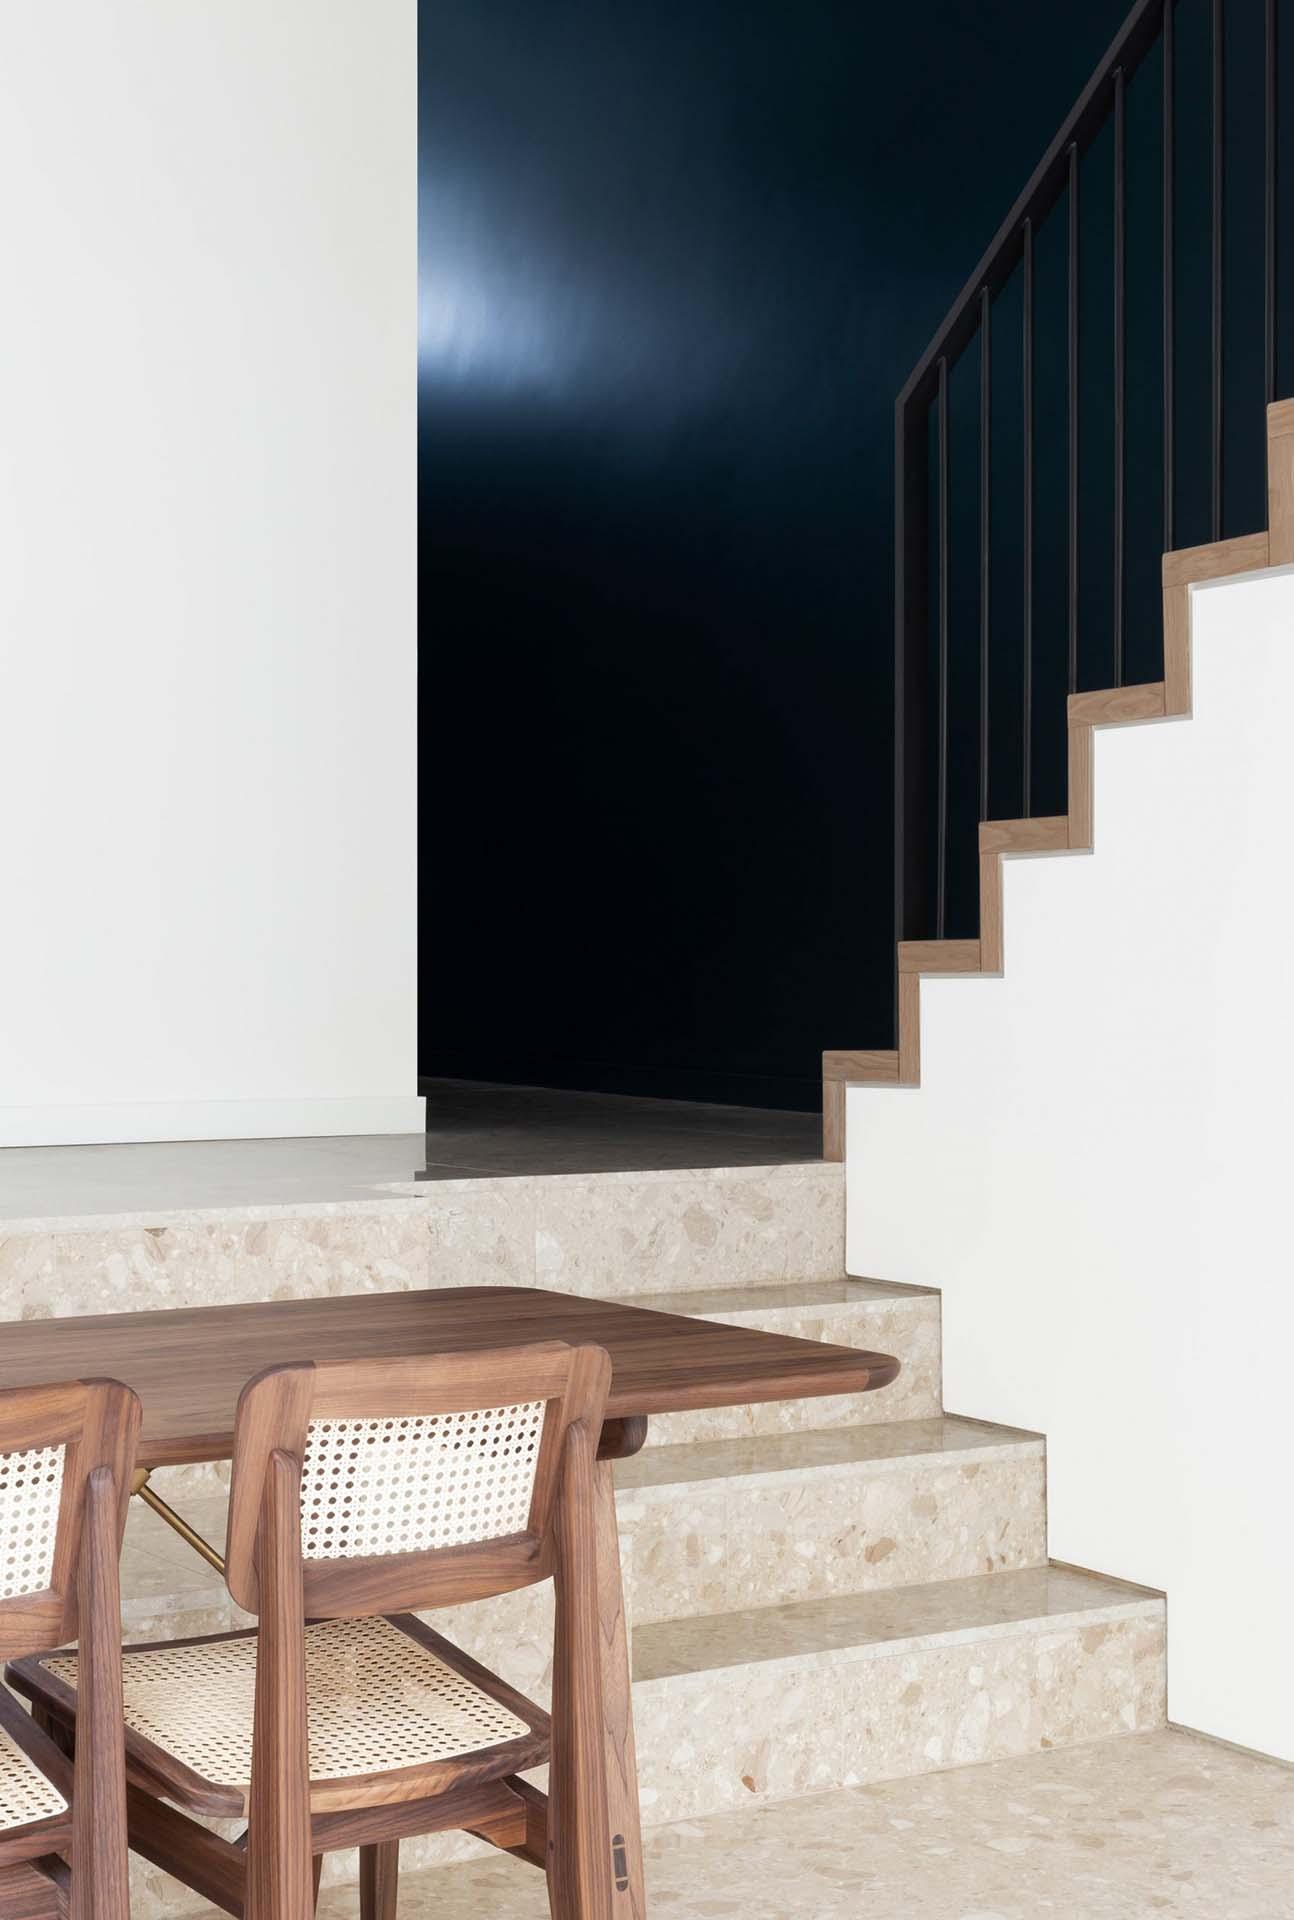 frame-house-bureau-de-change-architects_dezeen_4